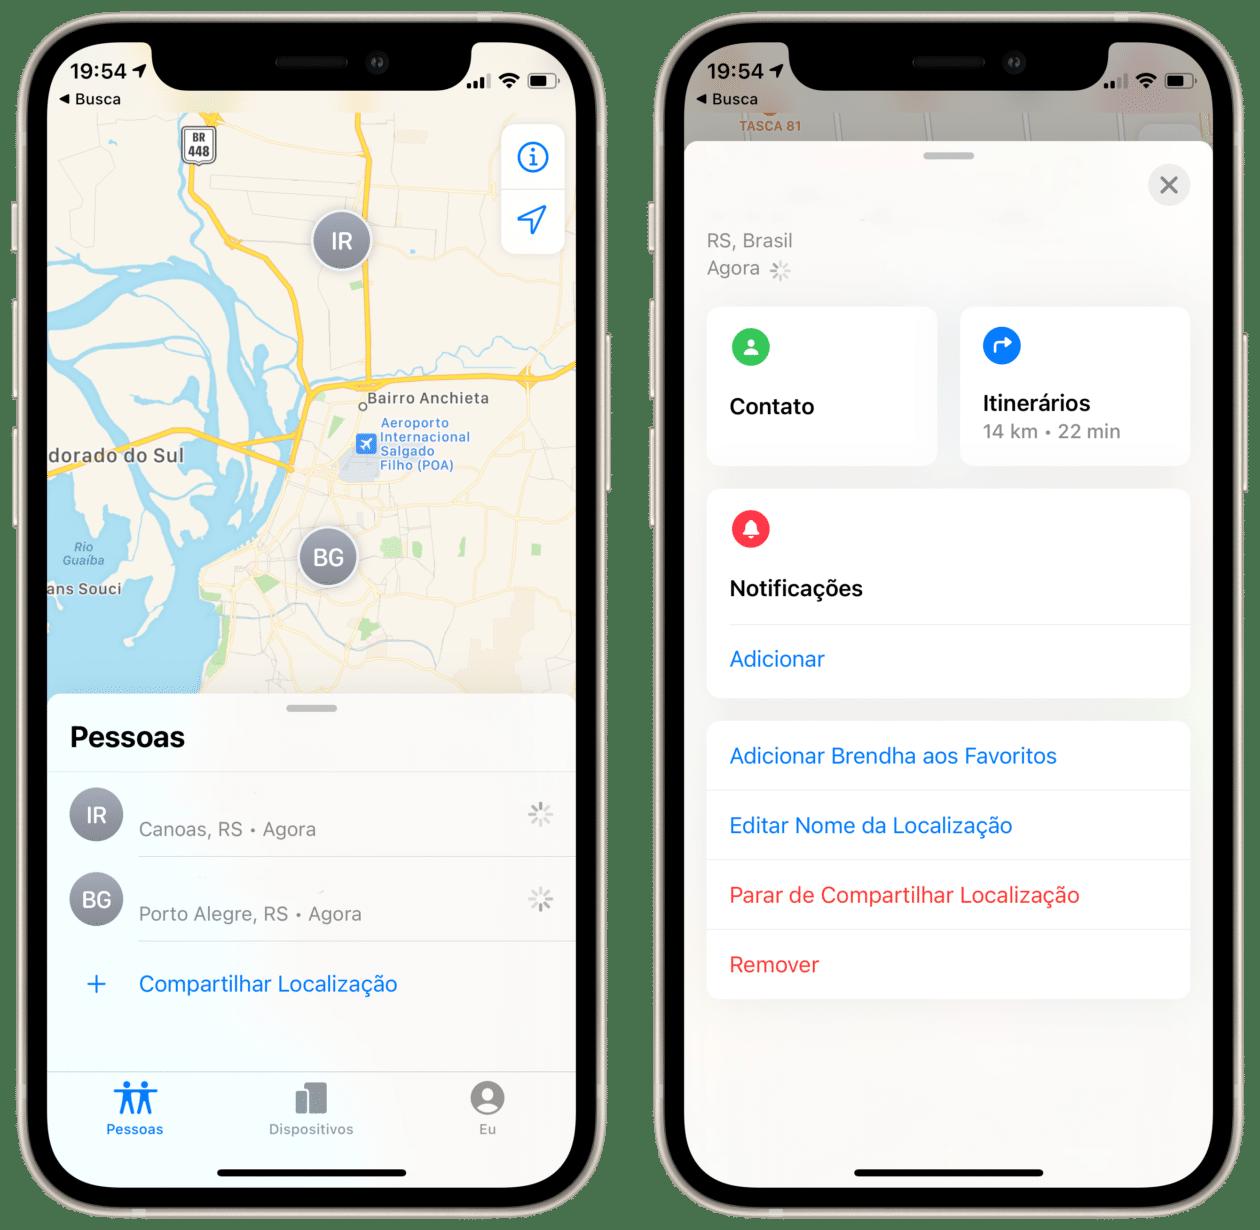 Parando de compartilhar a localização no app Buscar